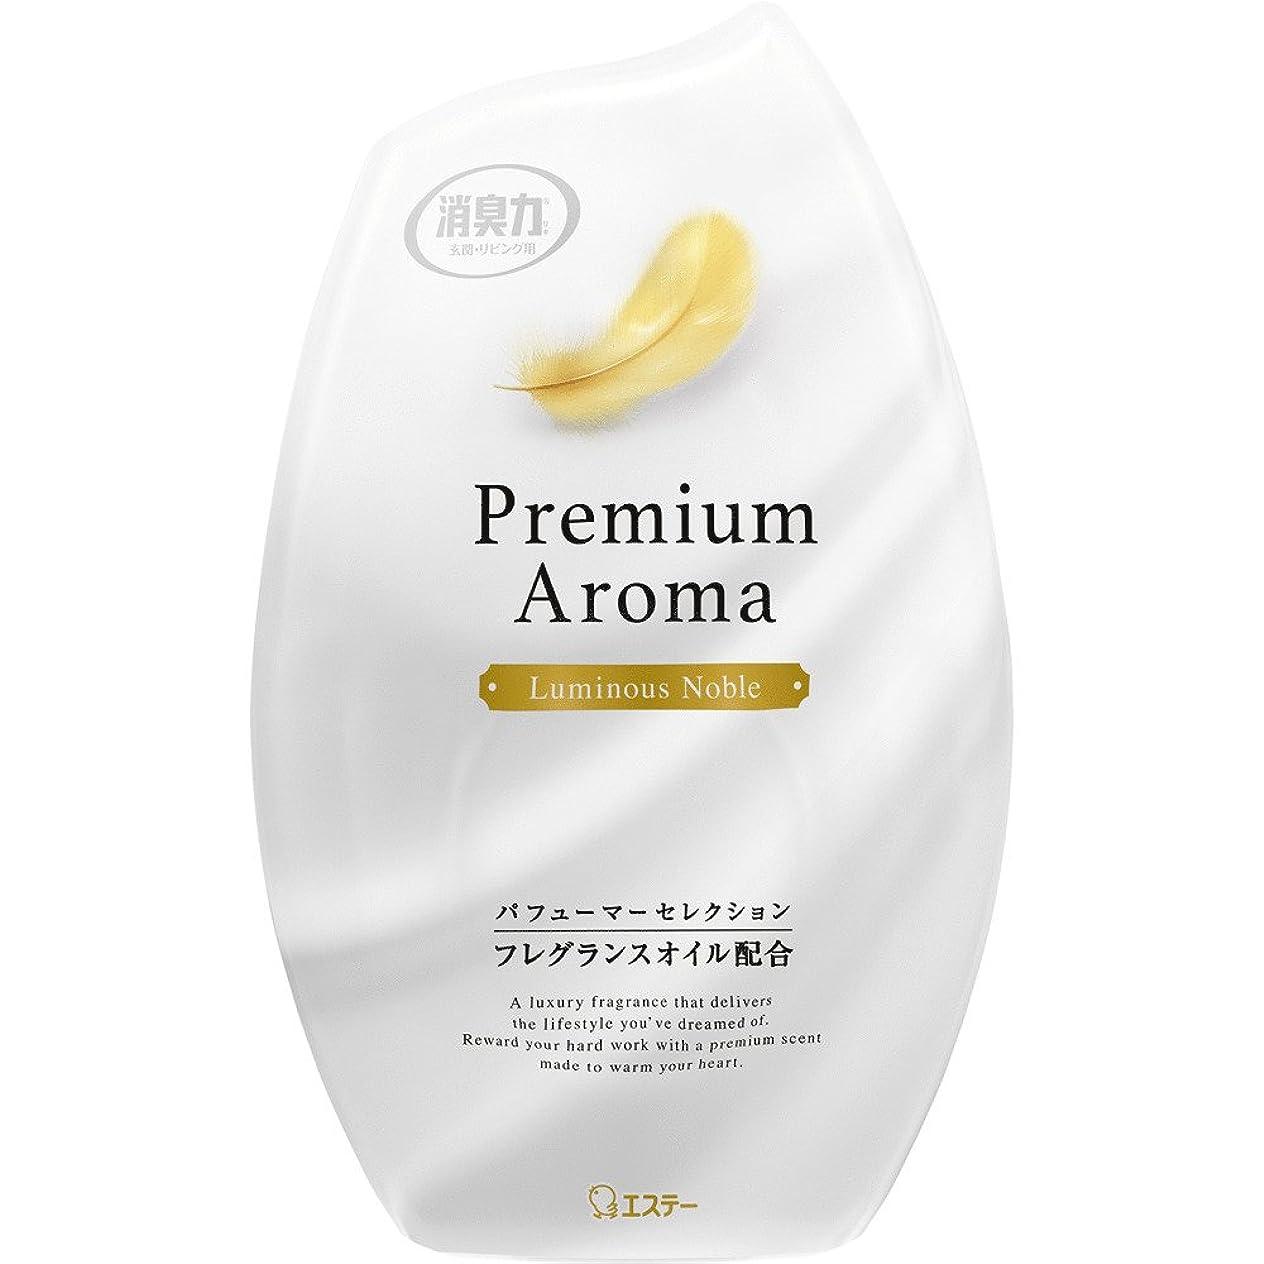 裸見物人夫婦お部屋の消臭力 プレミアムアロマ Premium Aroma 消臭芳香剤 部屋用 部屋 ルミナスノーブルの香り 400ml